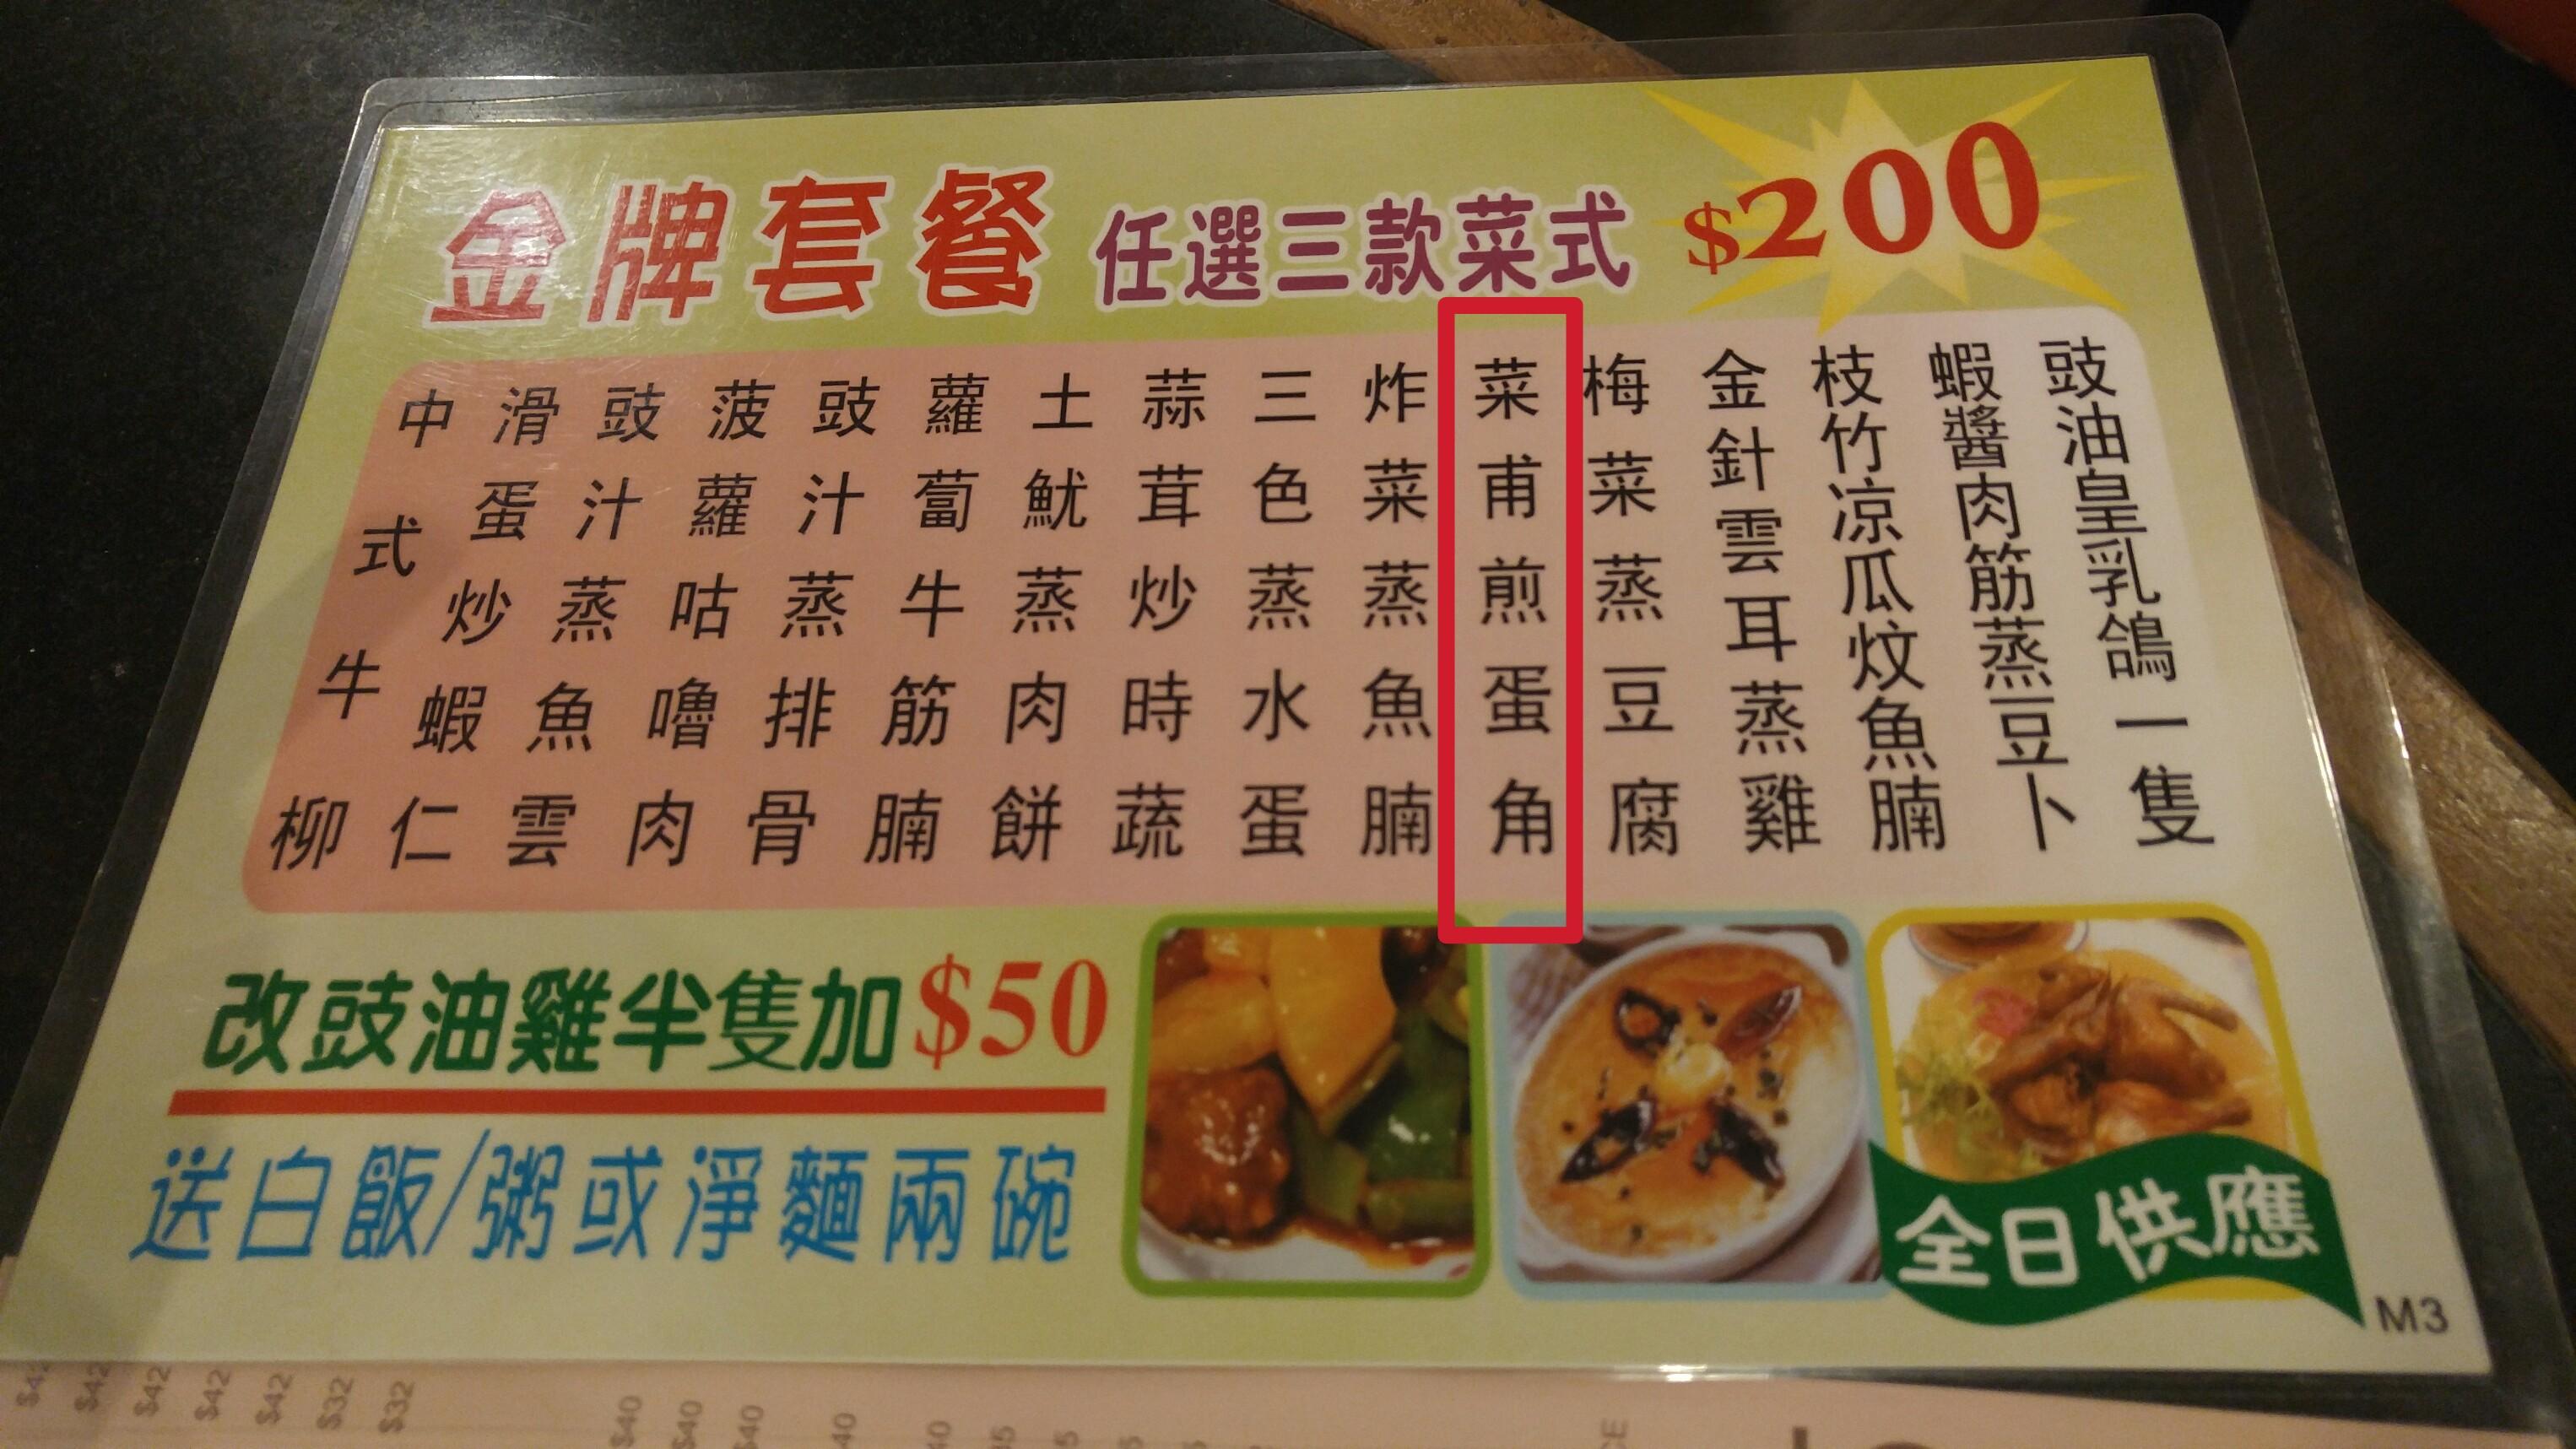 lotus garden è å ç 麵å å local food gem